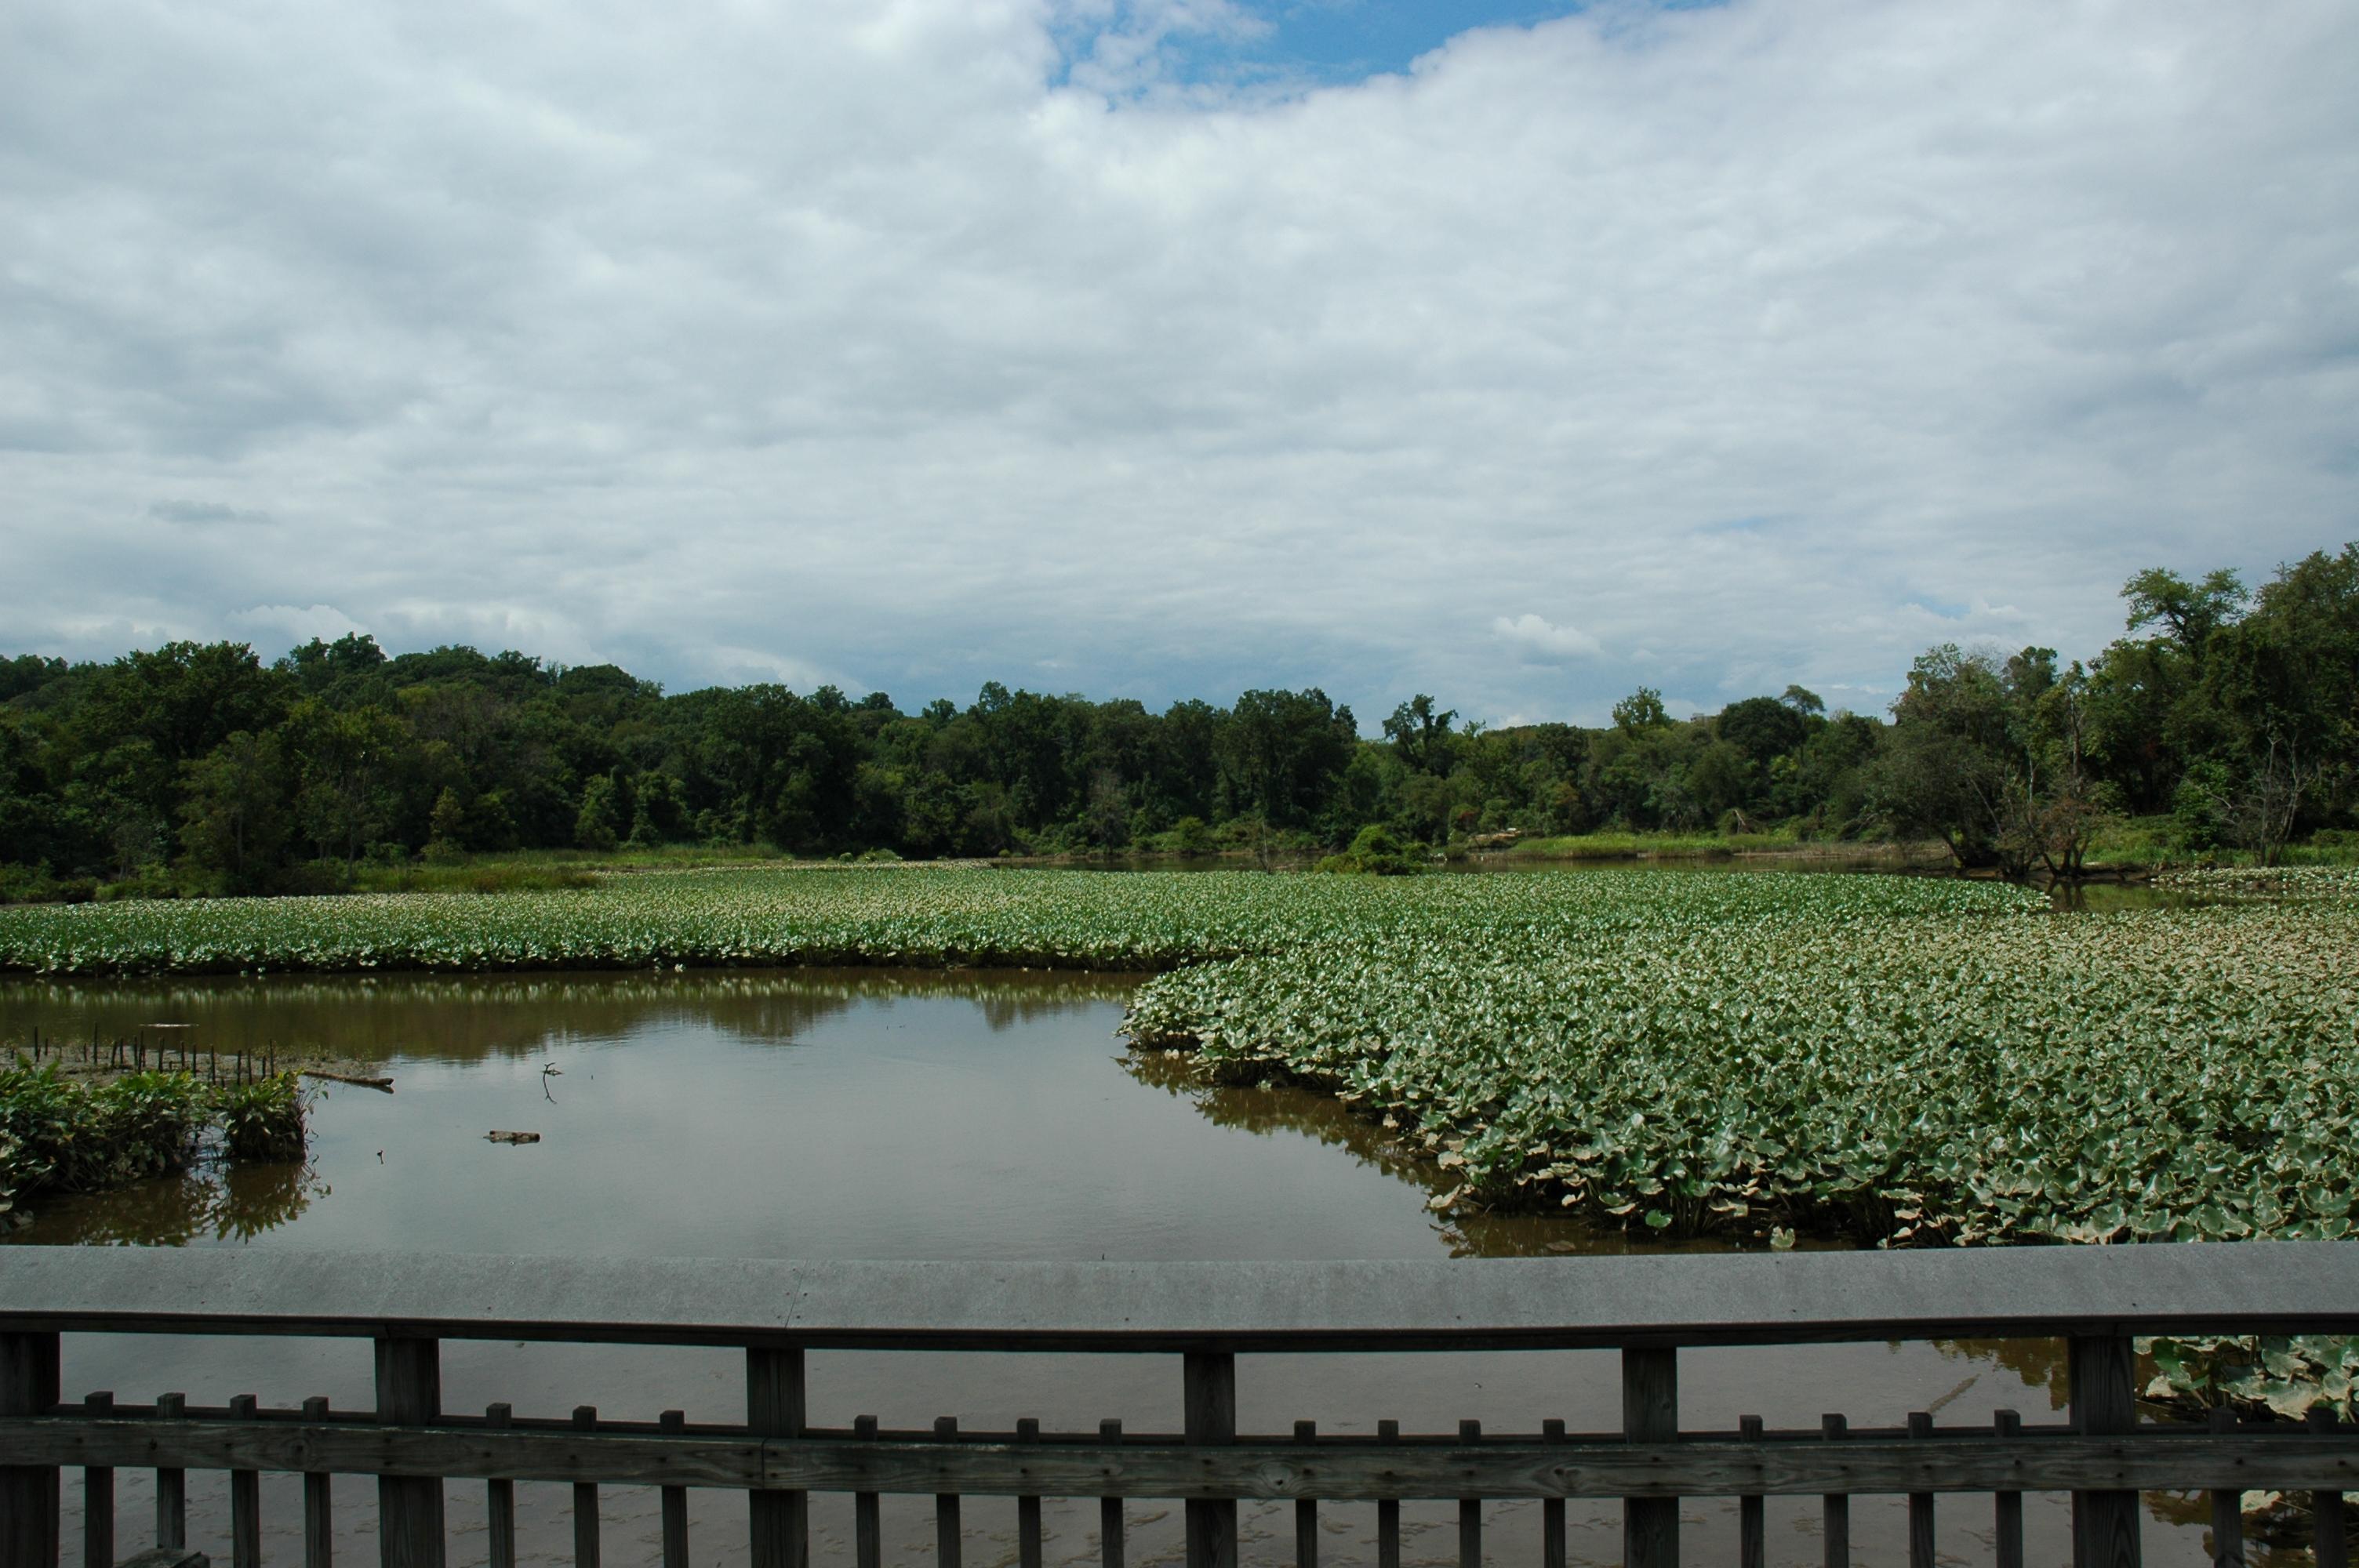 Quarry Shade Garden At Bon Air Park: Regional Gardens: Kenilworth Park & Aquatic Gardens